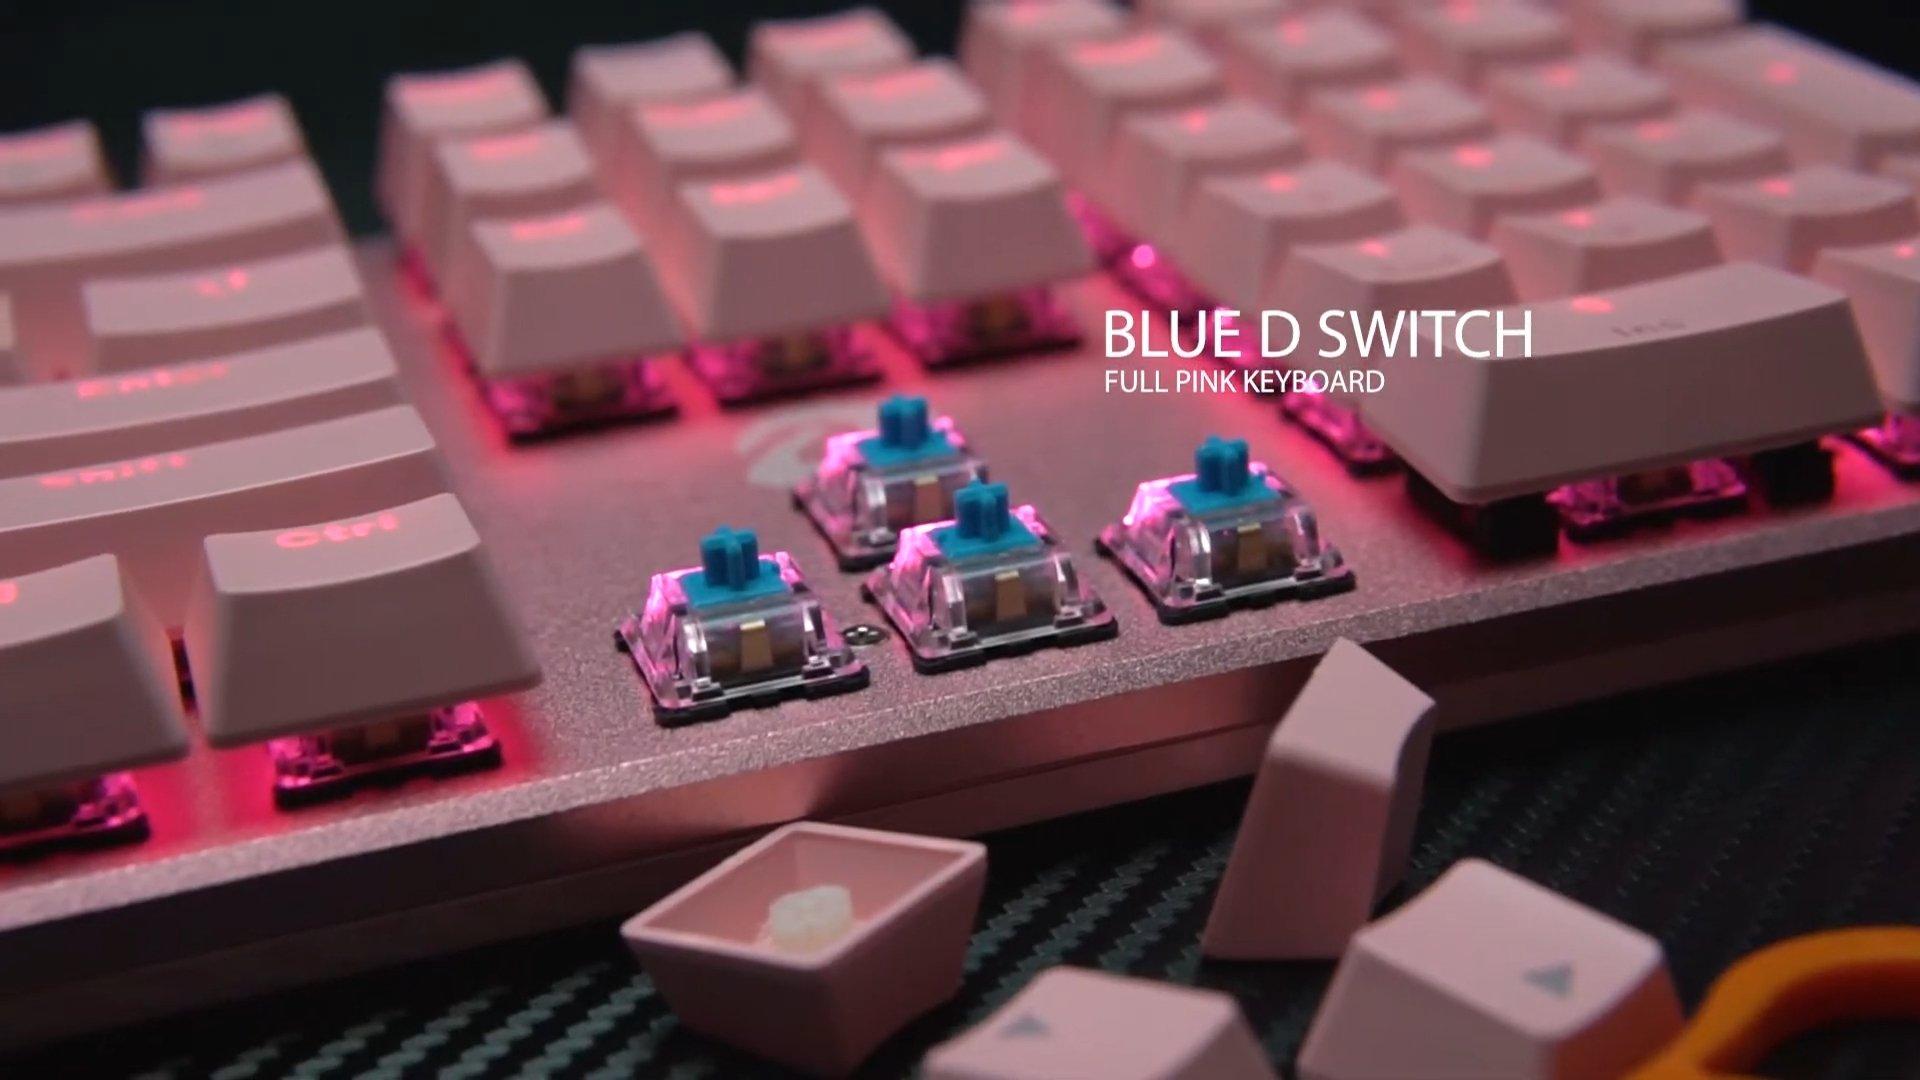 Bàn Phím cơ Dareu EK810 Pink (USB/Pink Led/Brown switch) sử dụng switch D độc quyền DareU